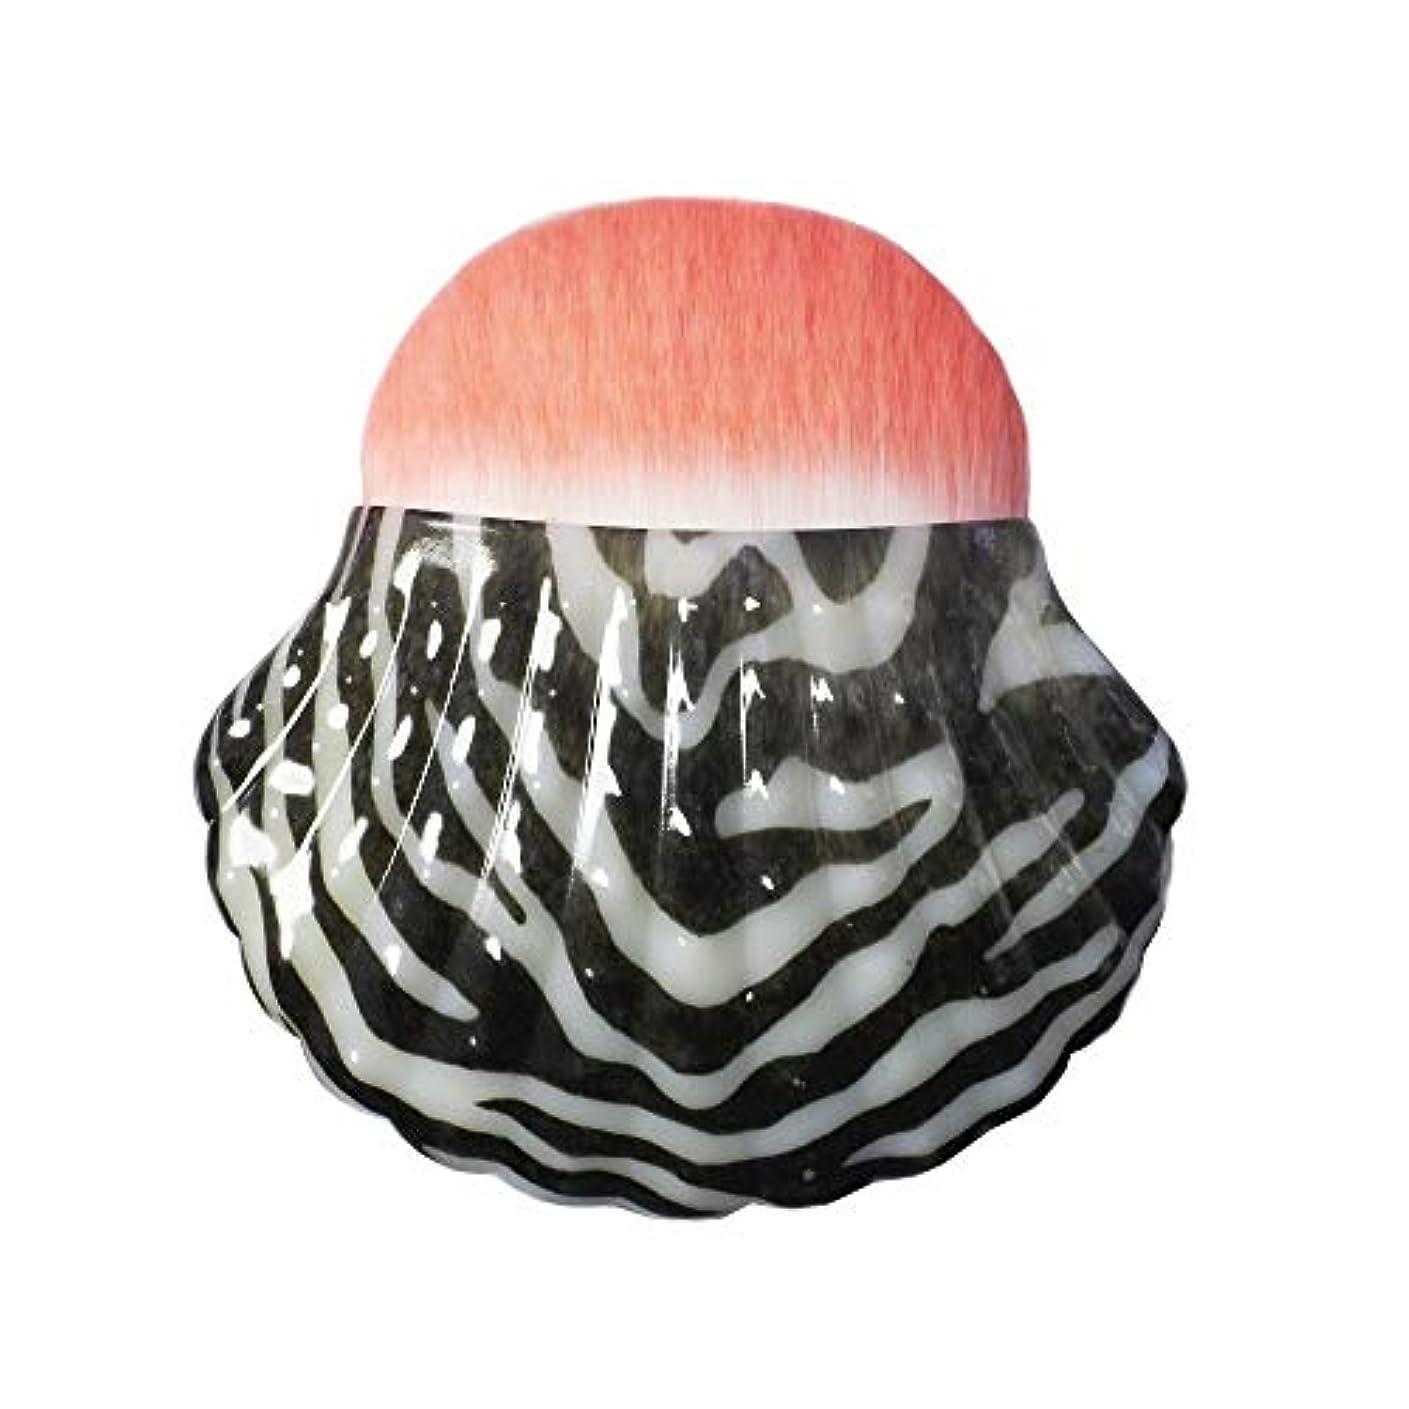 肘掛け椅子金属ピクニックMakeup brushes 黒と白のパターン、個々のシェルタイプブラッシュブラシ美容メイクブラシツールポータブル多機能メイクブラシ suits (Color : Leopard)